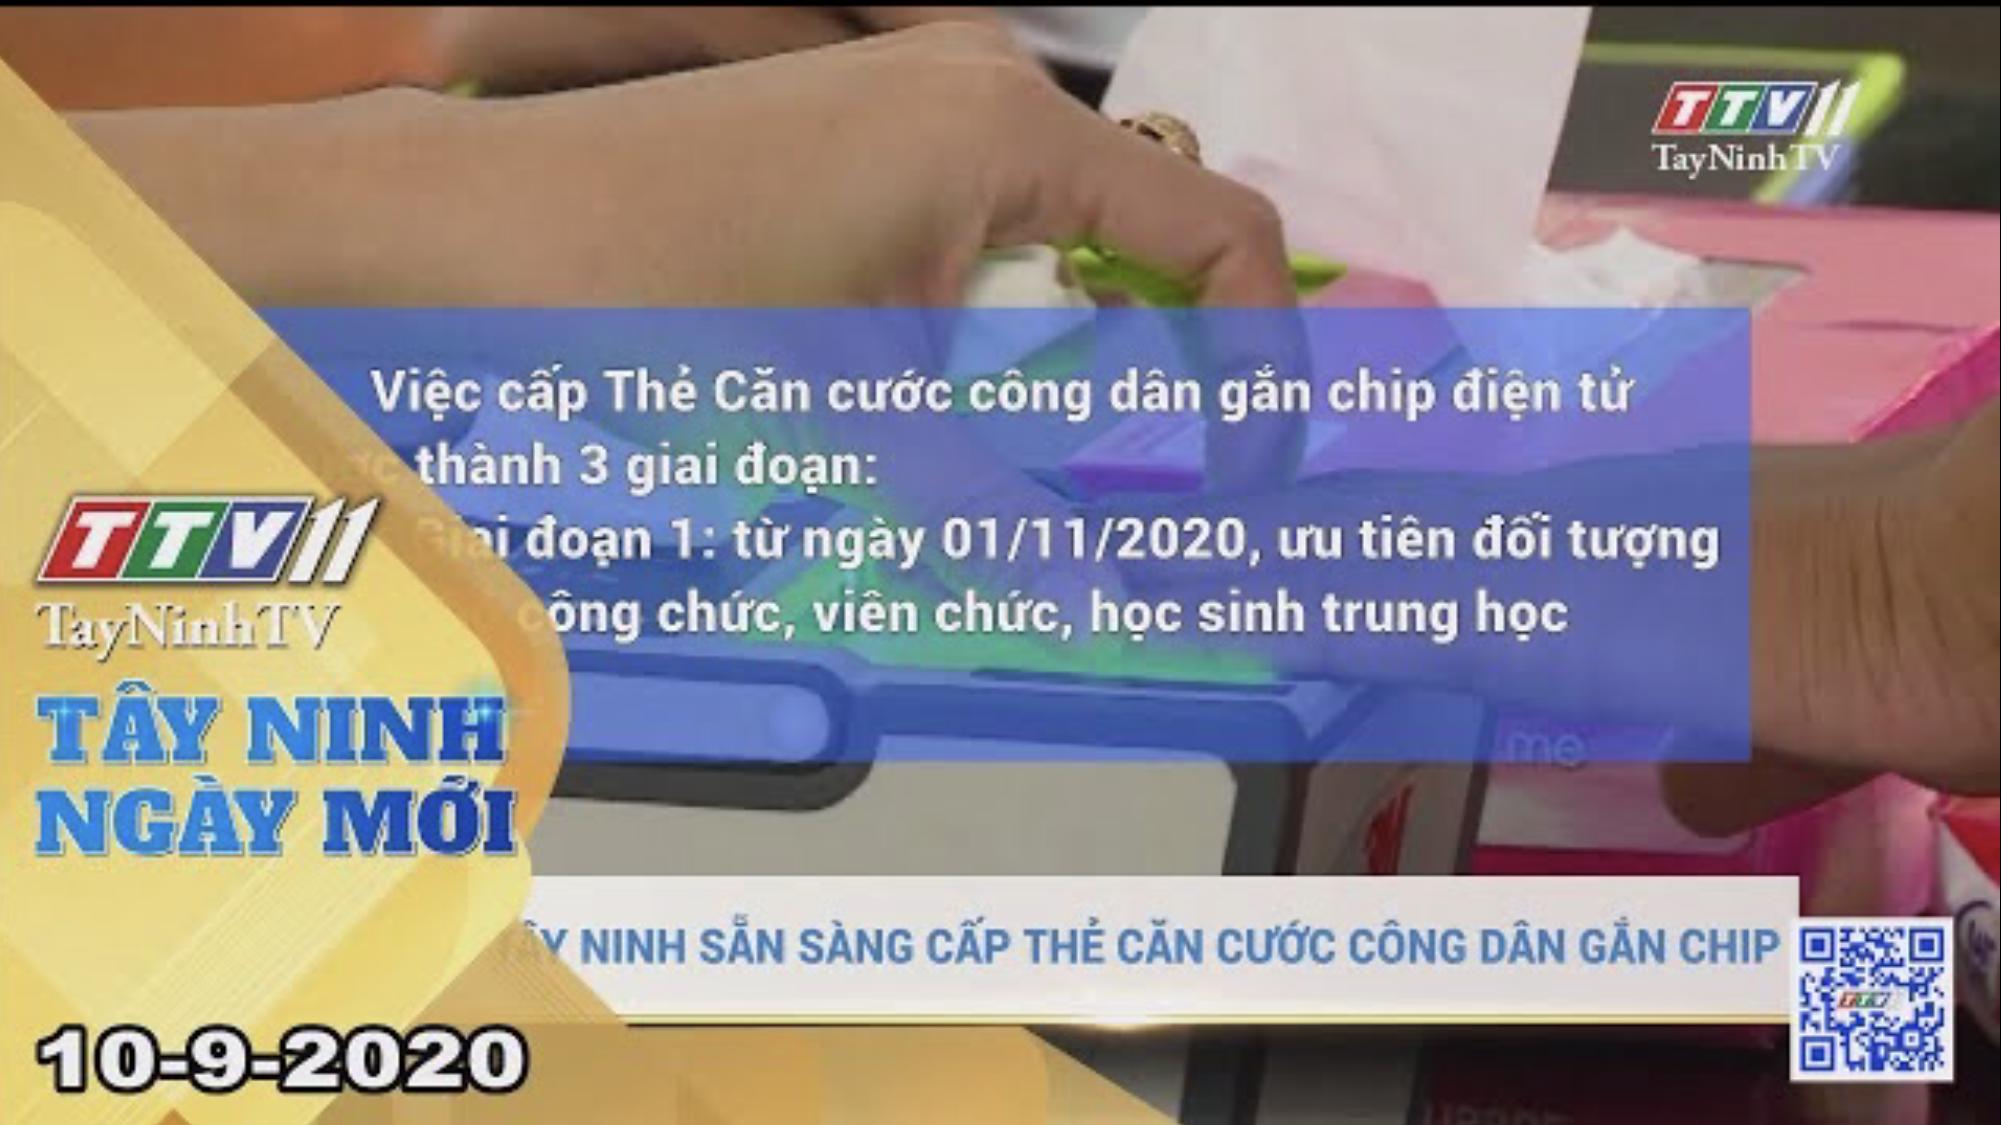 Tây Ninh Ngày Mới 10-9-2020 | Tin tức hôm nay | TayNinhTV